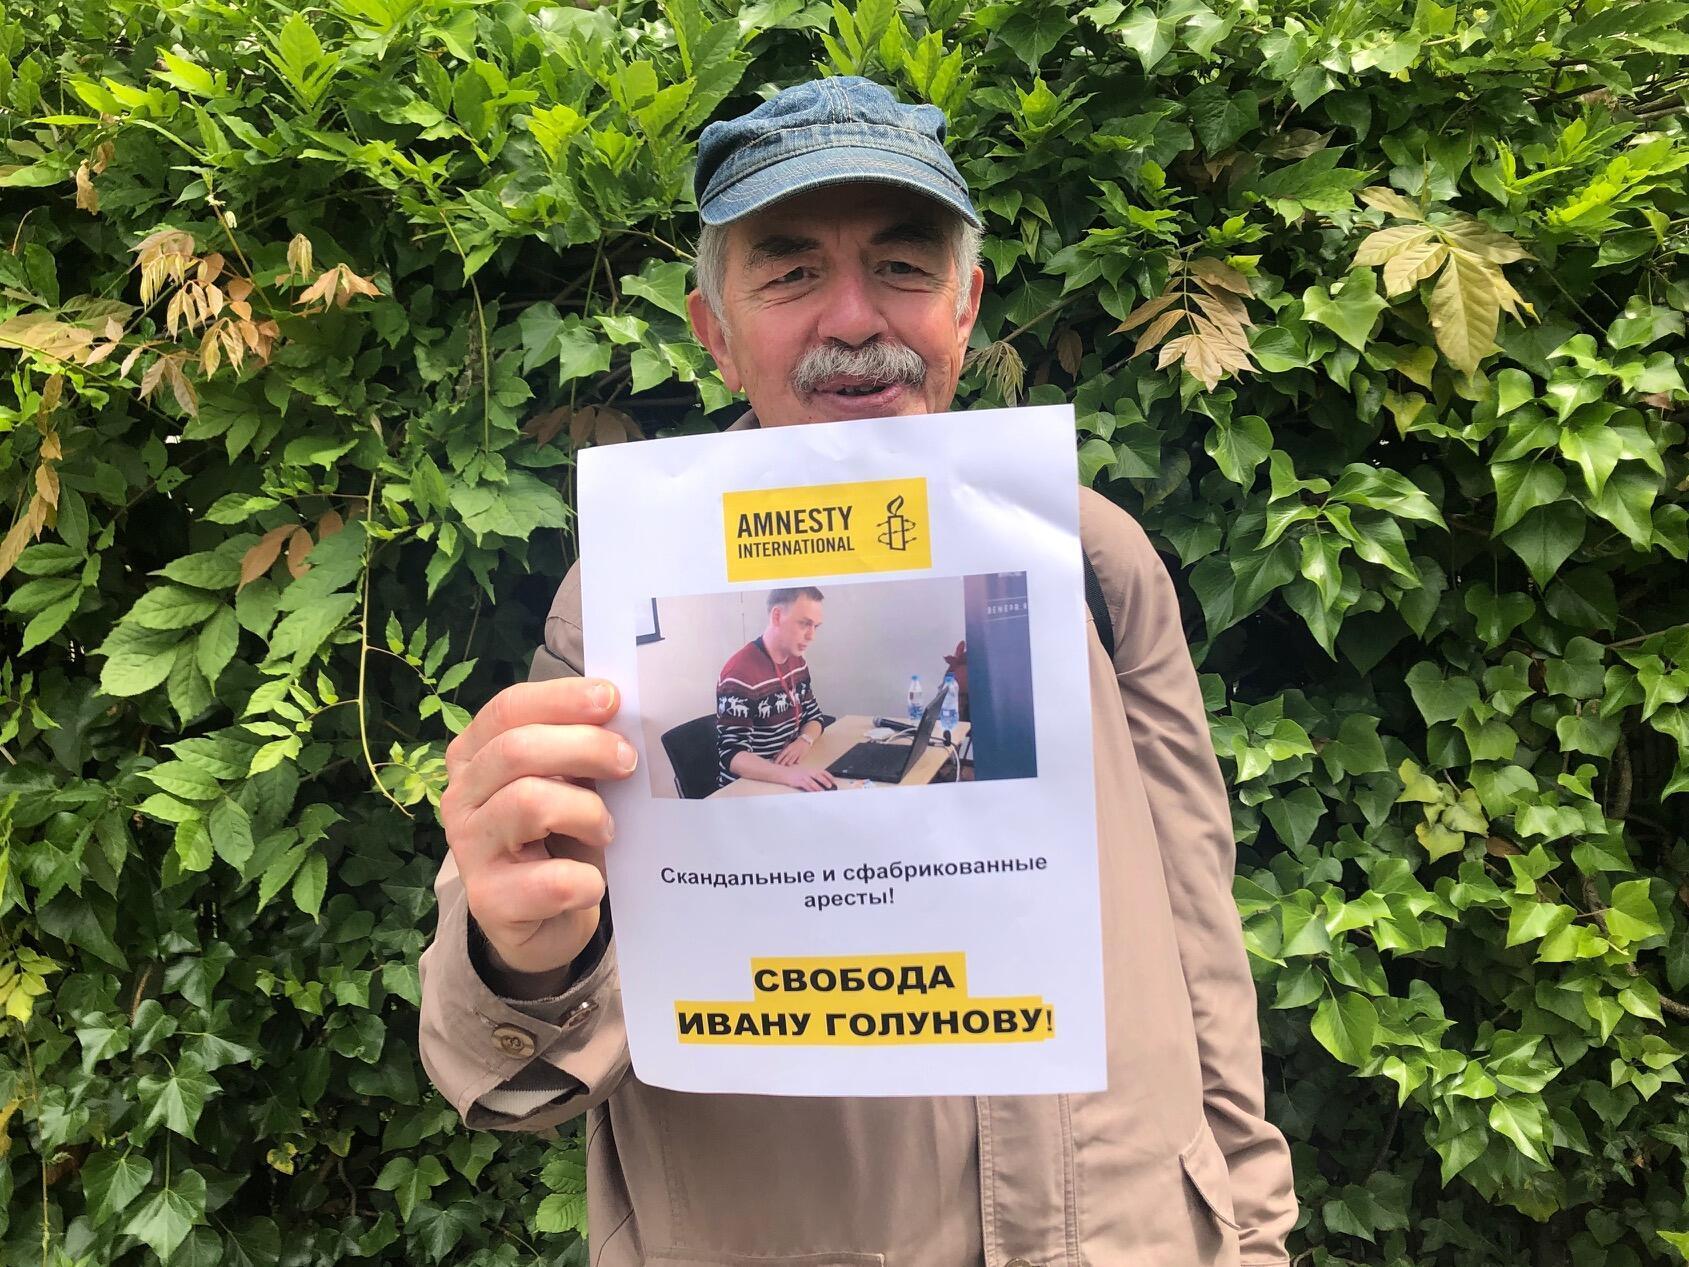 Активист Amnesty International Луи-Мари Амель на акции в поддержку Ивана Голунова перед посольством России в Париже, 9 июня 2019 года